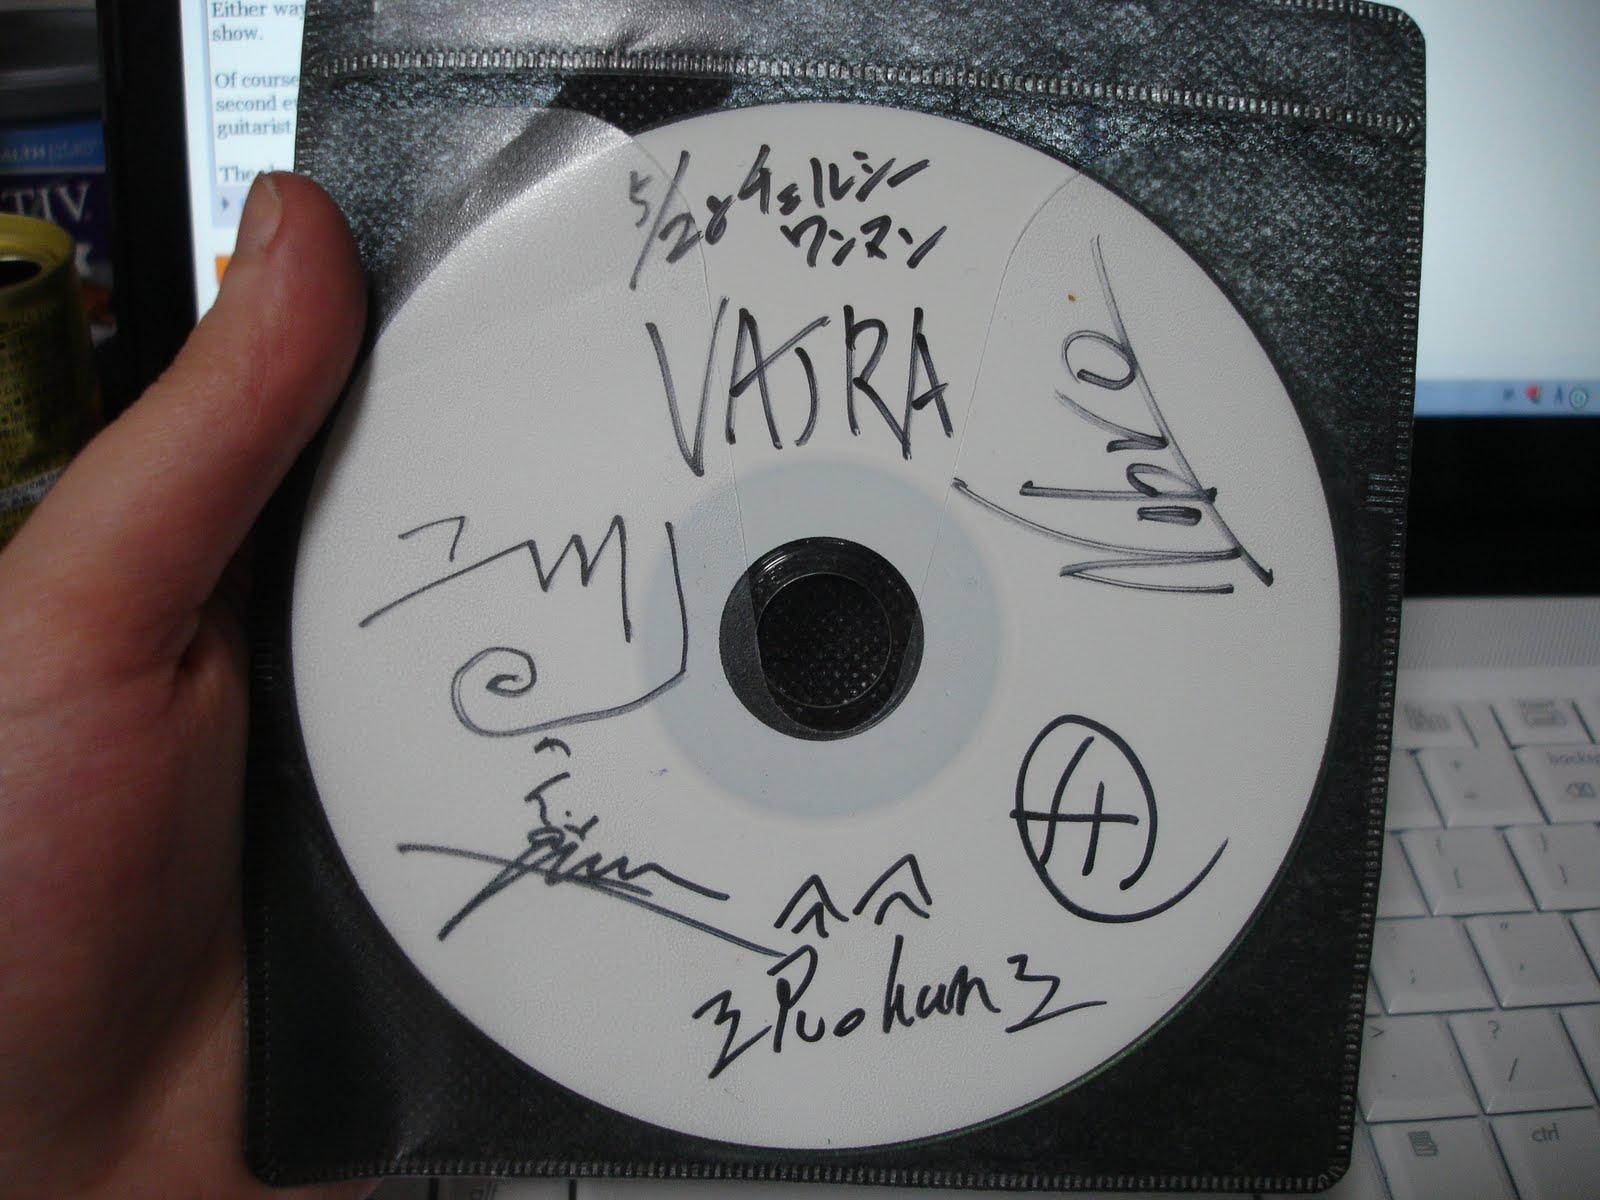 i like how rohan#39;s signature